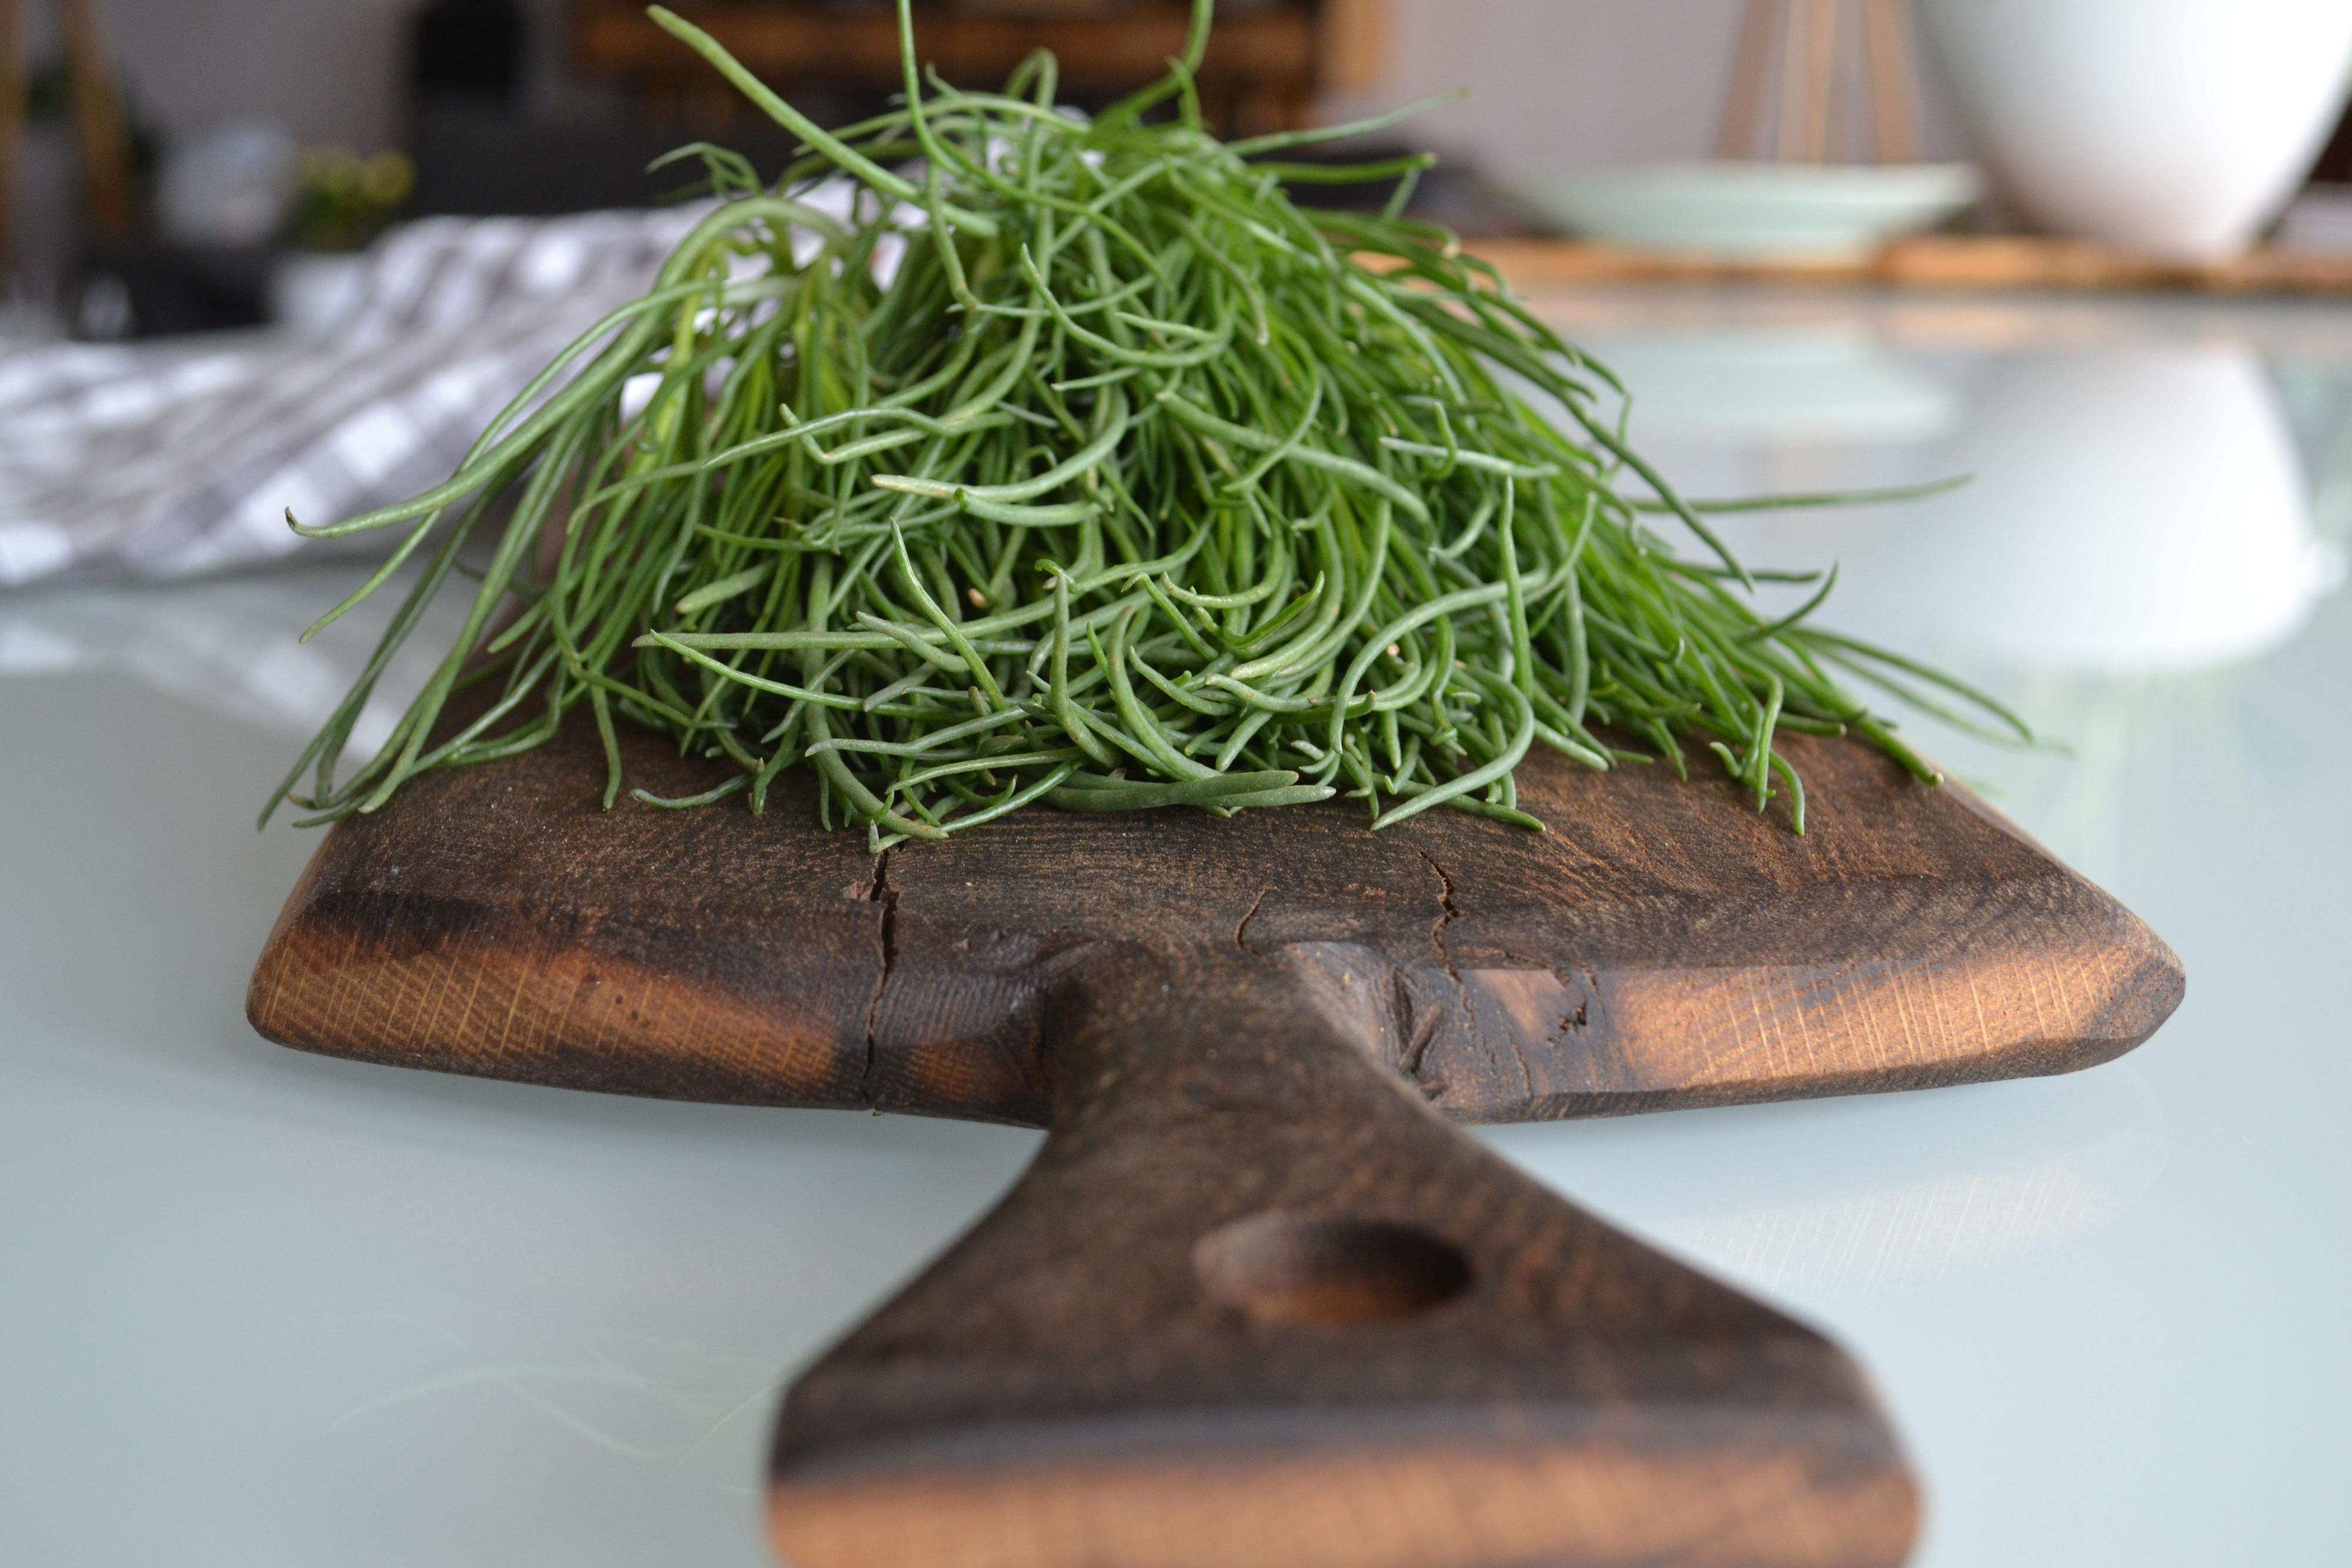 Schneidebrett Aus Holz Oder Kunststoff Was Ist Besser Kochzeit I Food Kitchen Lifestyle